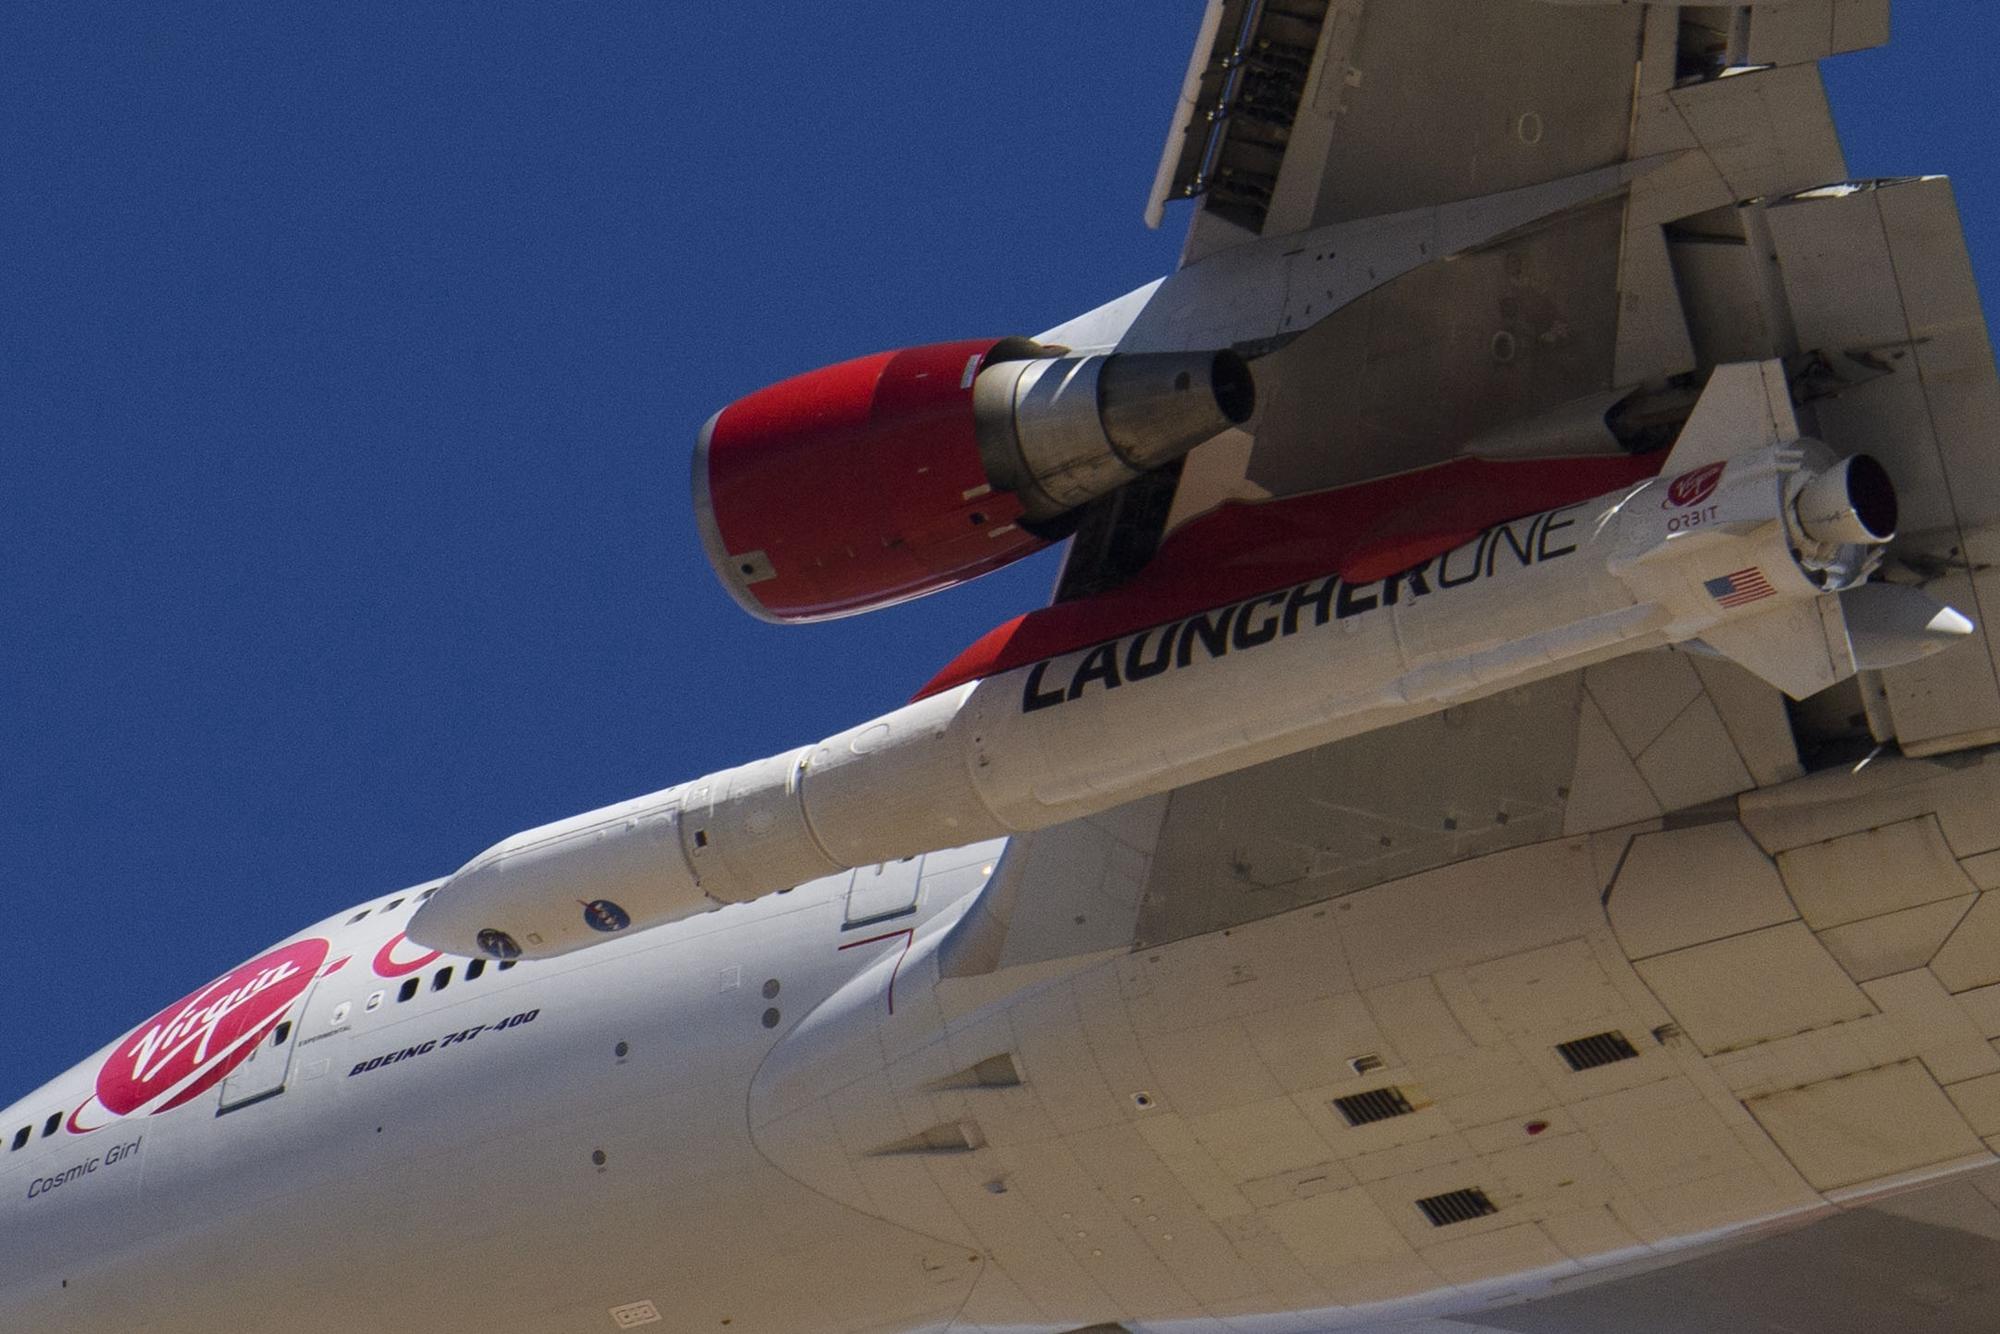 1月17日,维珍集团旗下的维珍轨道公司(Virgin Orbit)首次利用波音747飞机发射火箭,并成功将卫星送上轨道。(PATRICK T. FALLON/AFP via Getty Images)